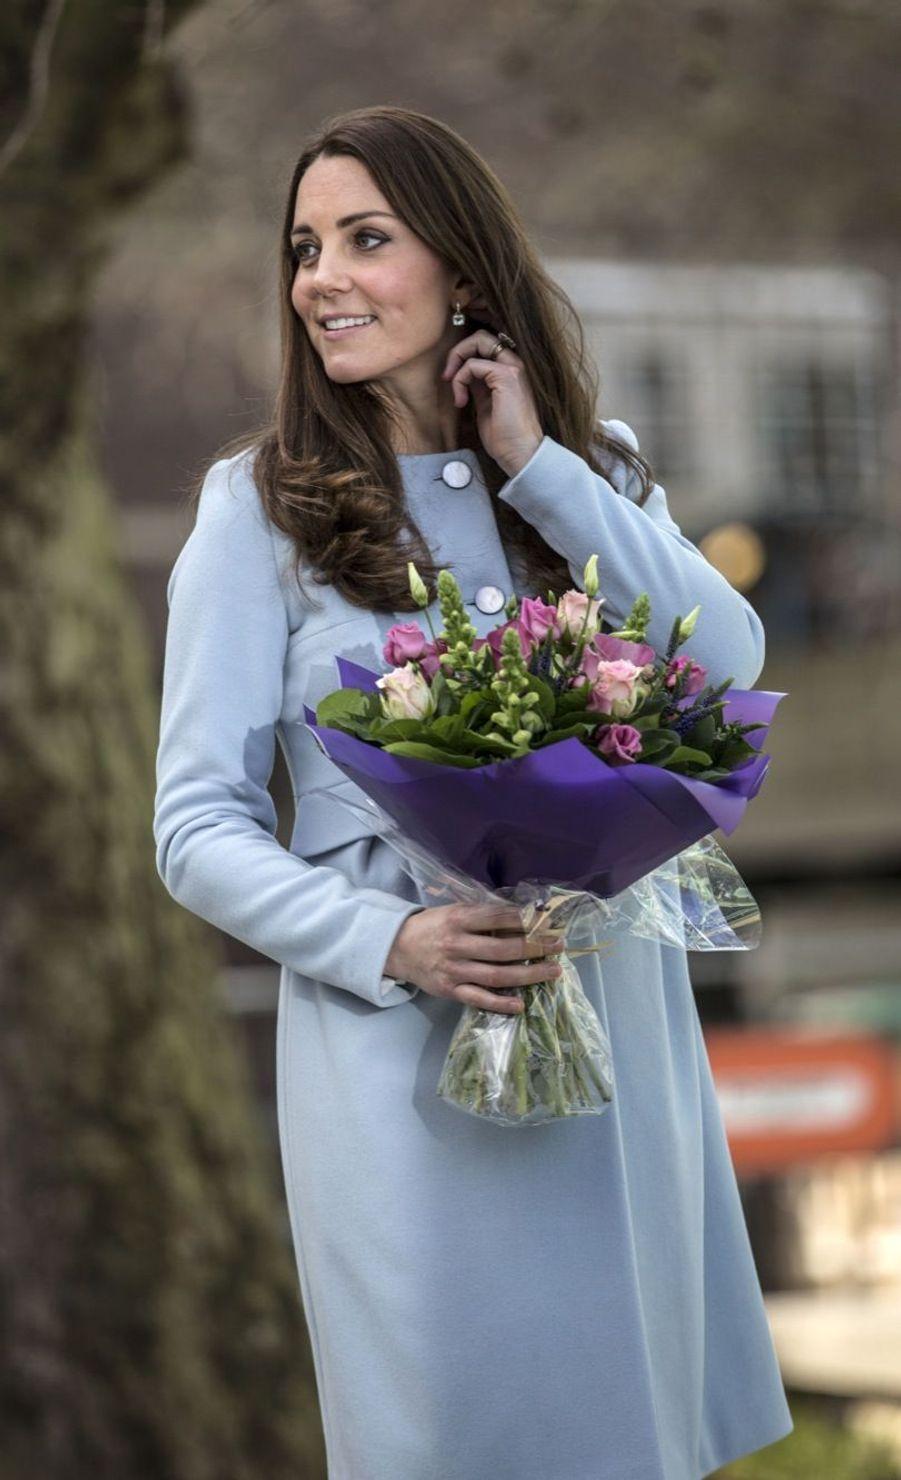 70 La Duchesse De Cambridge, Née Kate Middleton, En Visite À Kensington